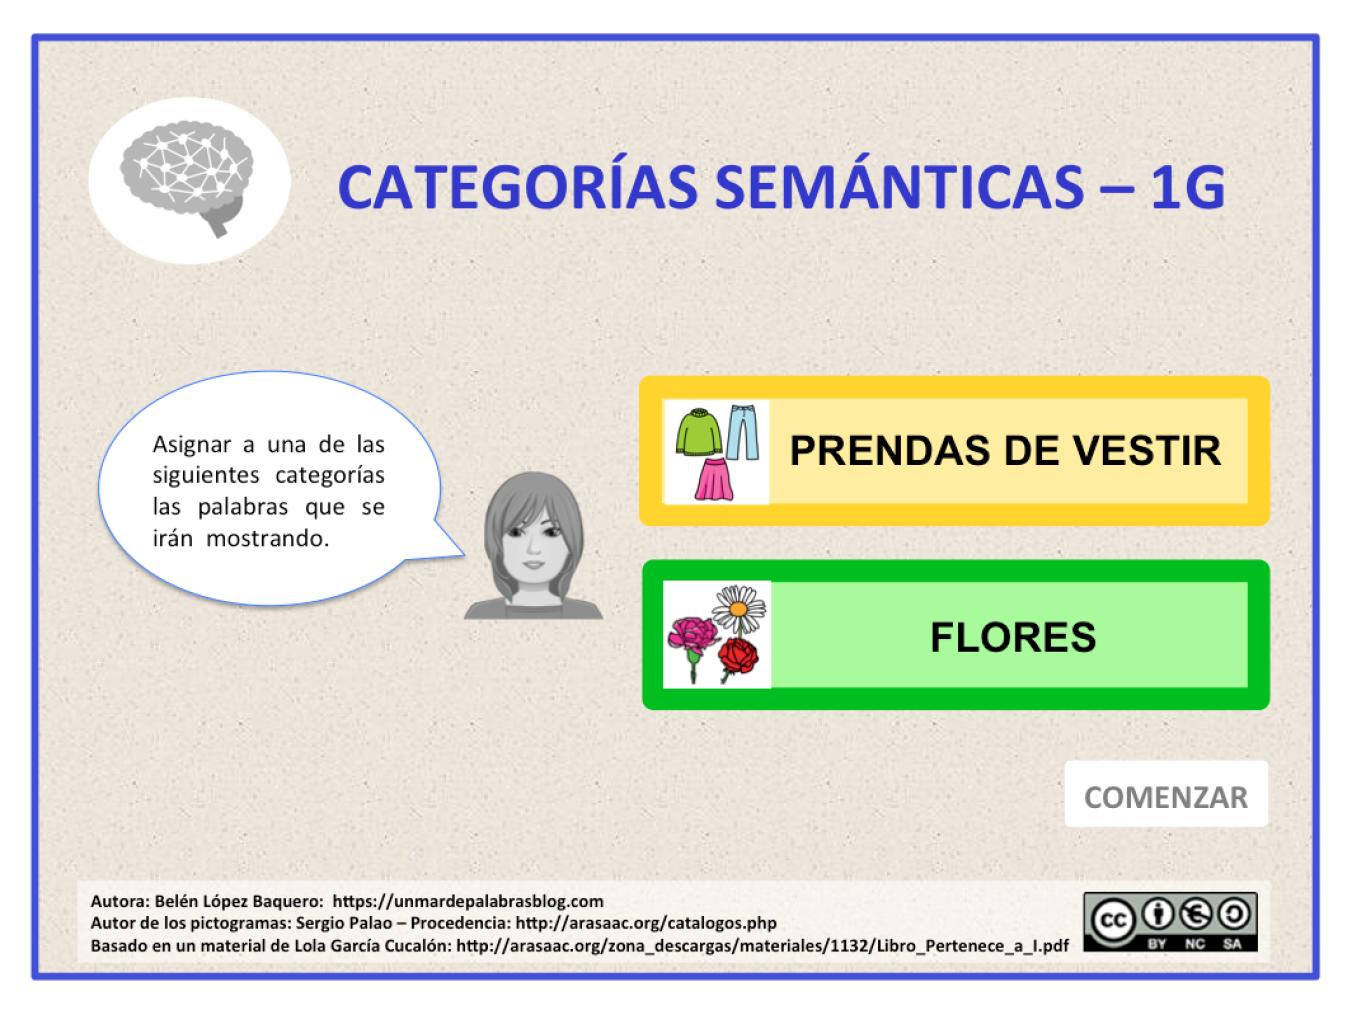 Categorias Semanticas 1g